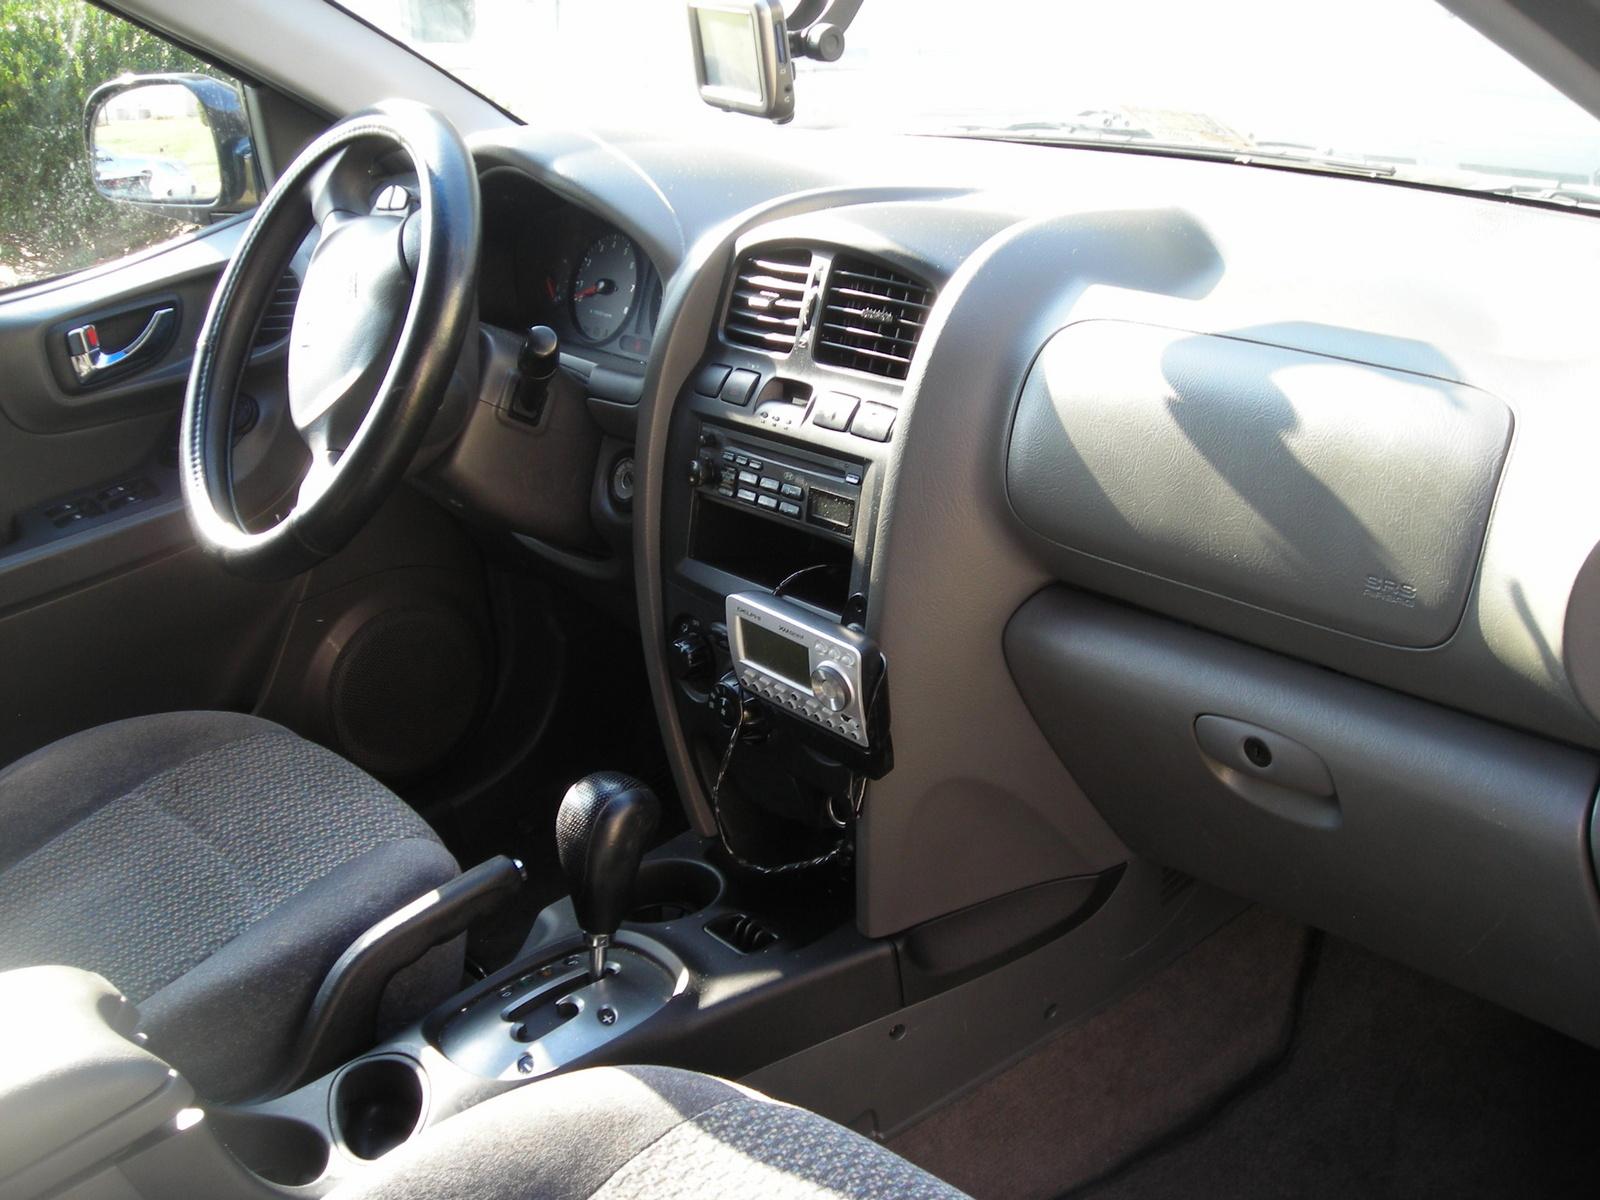 2004 Hyundai Santa Fe Interior Pictures Cargurus